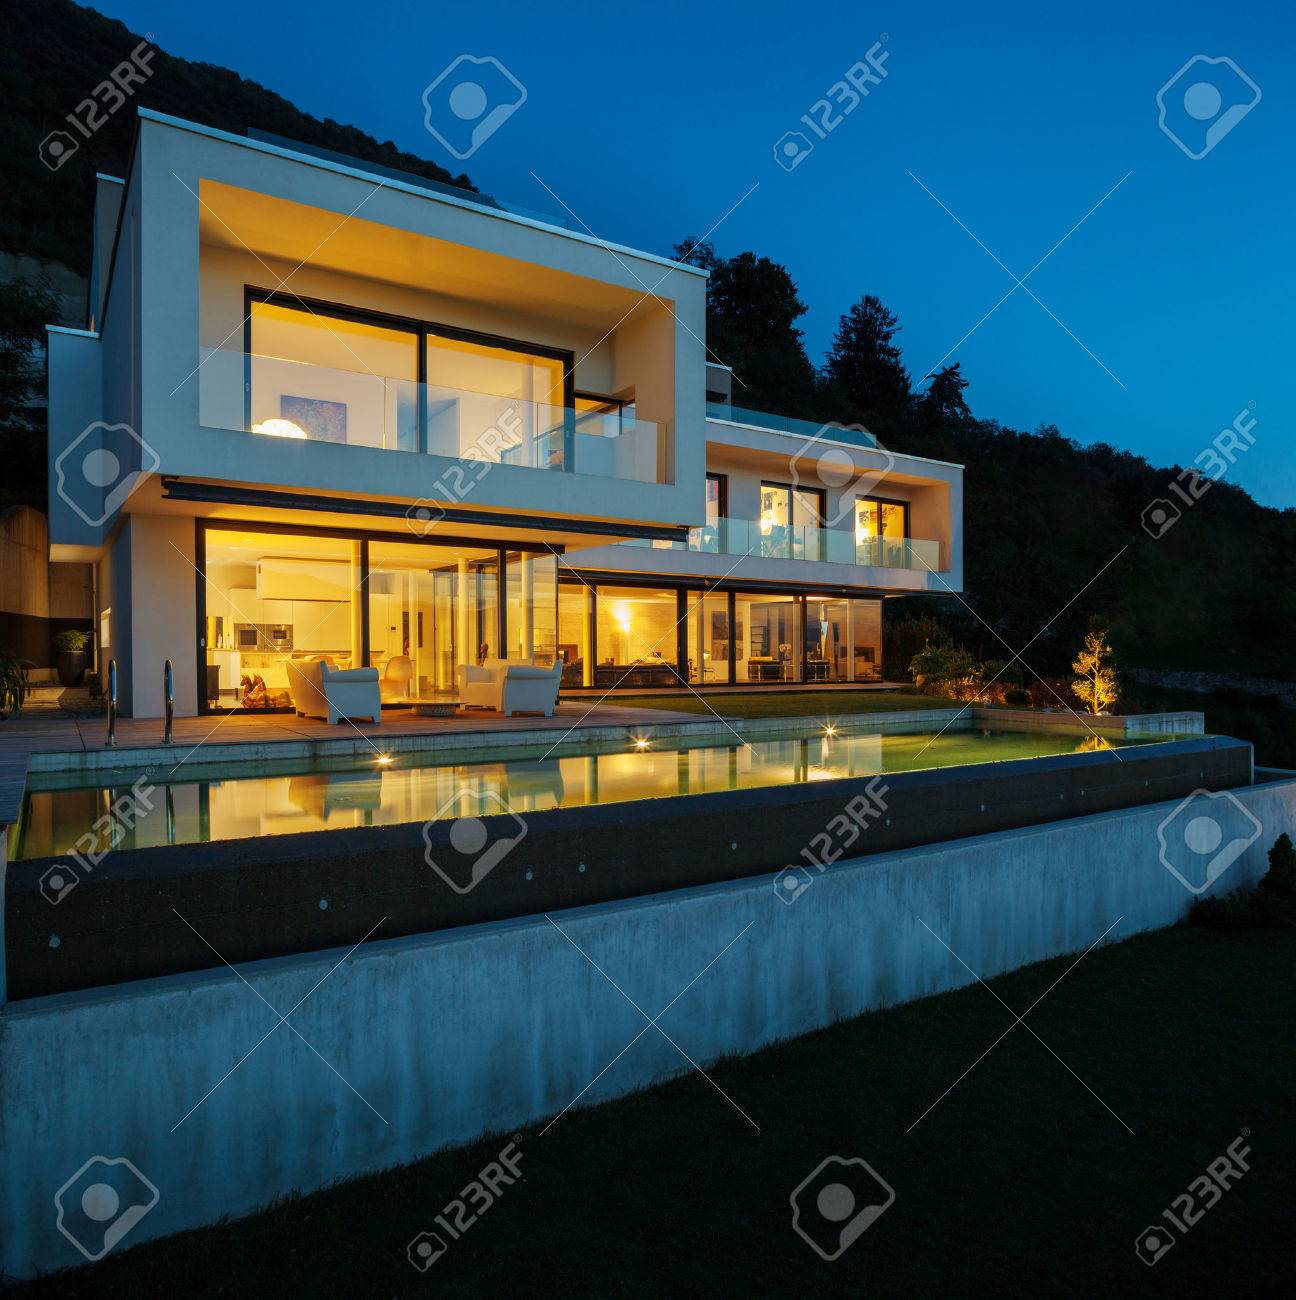 Modernes Haus Mit Pool Und Garten, Sommerzeit Lizenzfreie Fotos ...